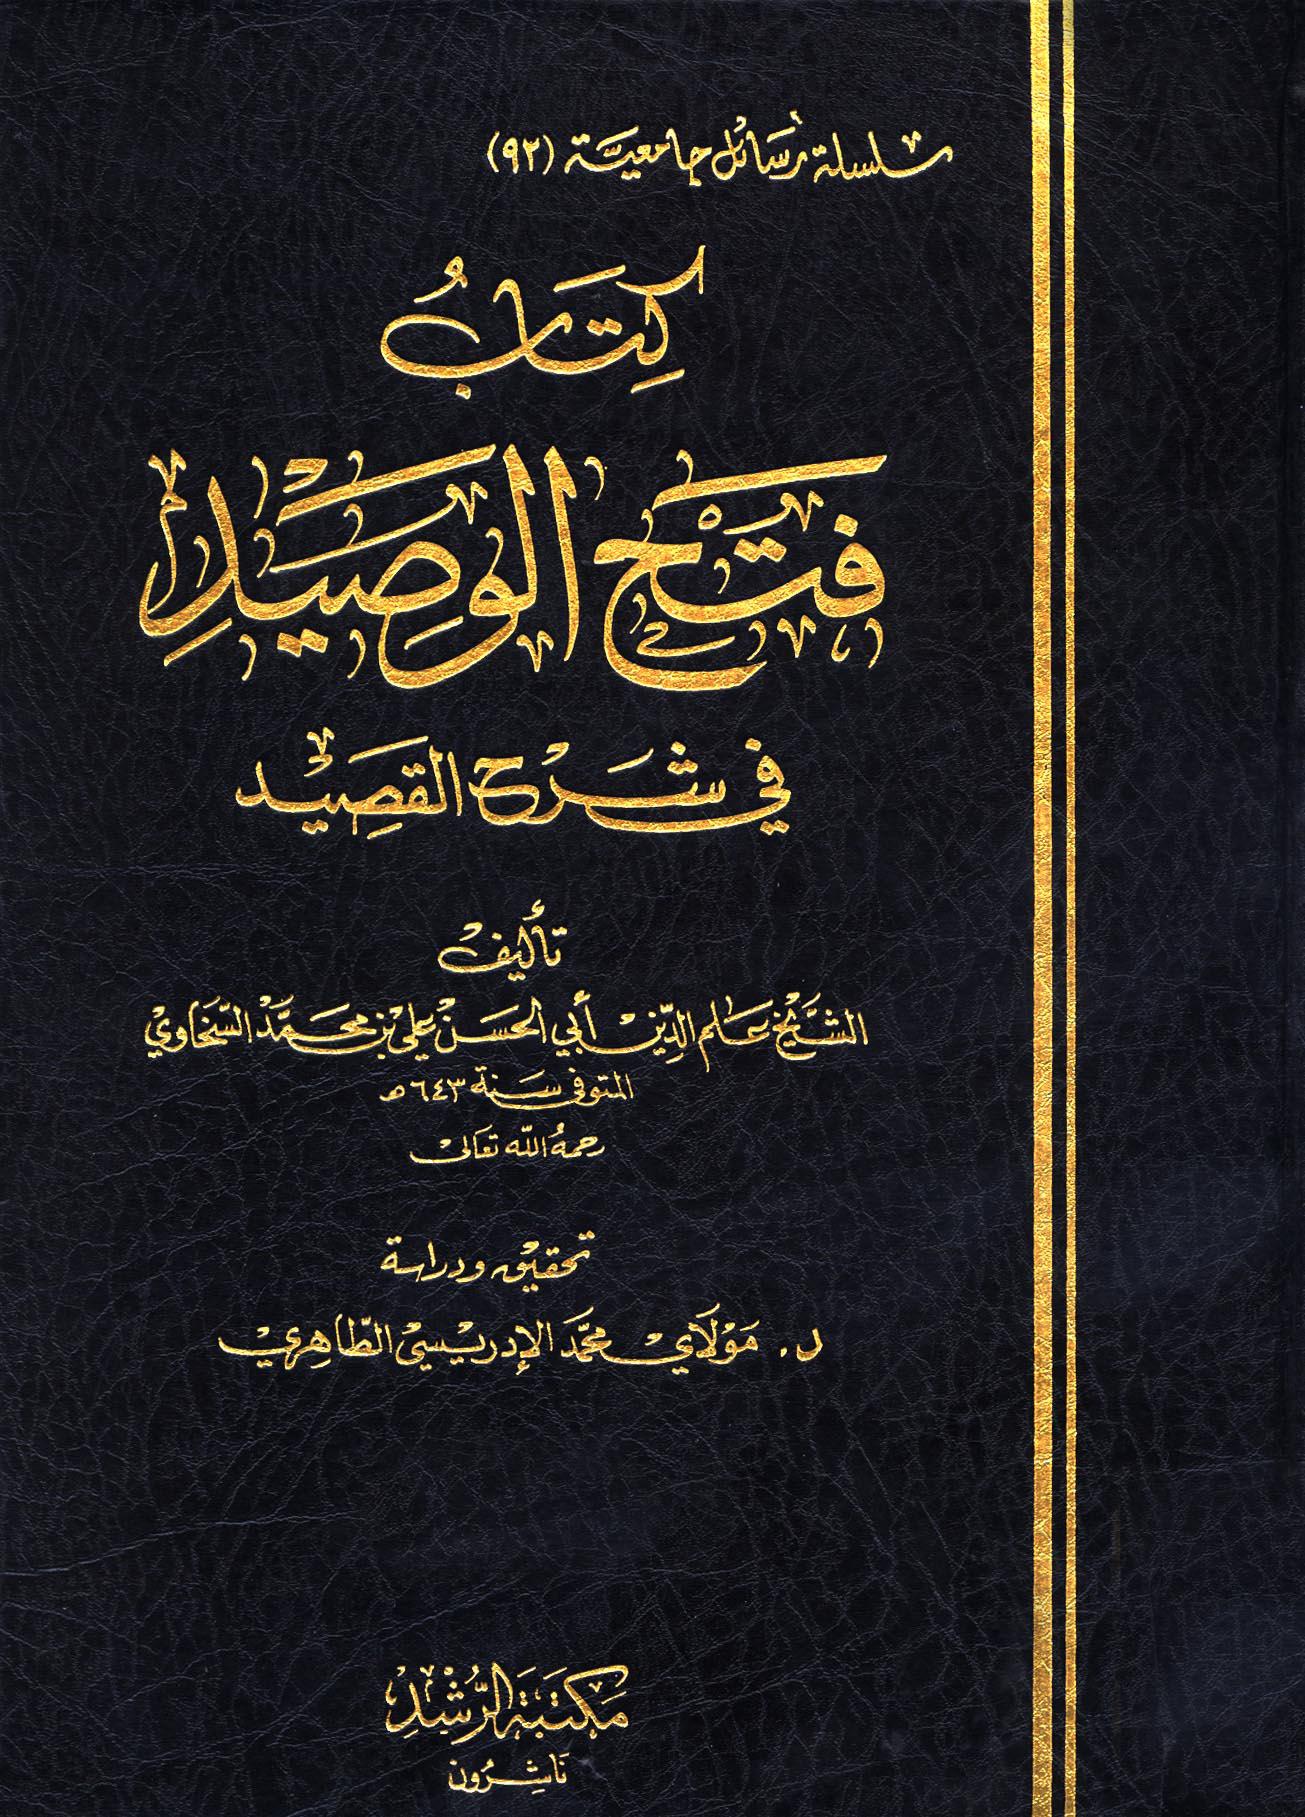 تحميل كتاب فتح الوصيد في شرح القصيد لـِ: الإمام أبو الحسن علم الدين علي بن محمد بن عبد الصمد السخاوي (ت 643)